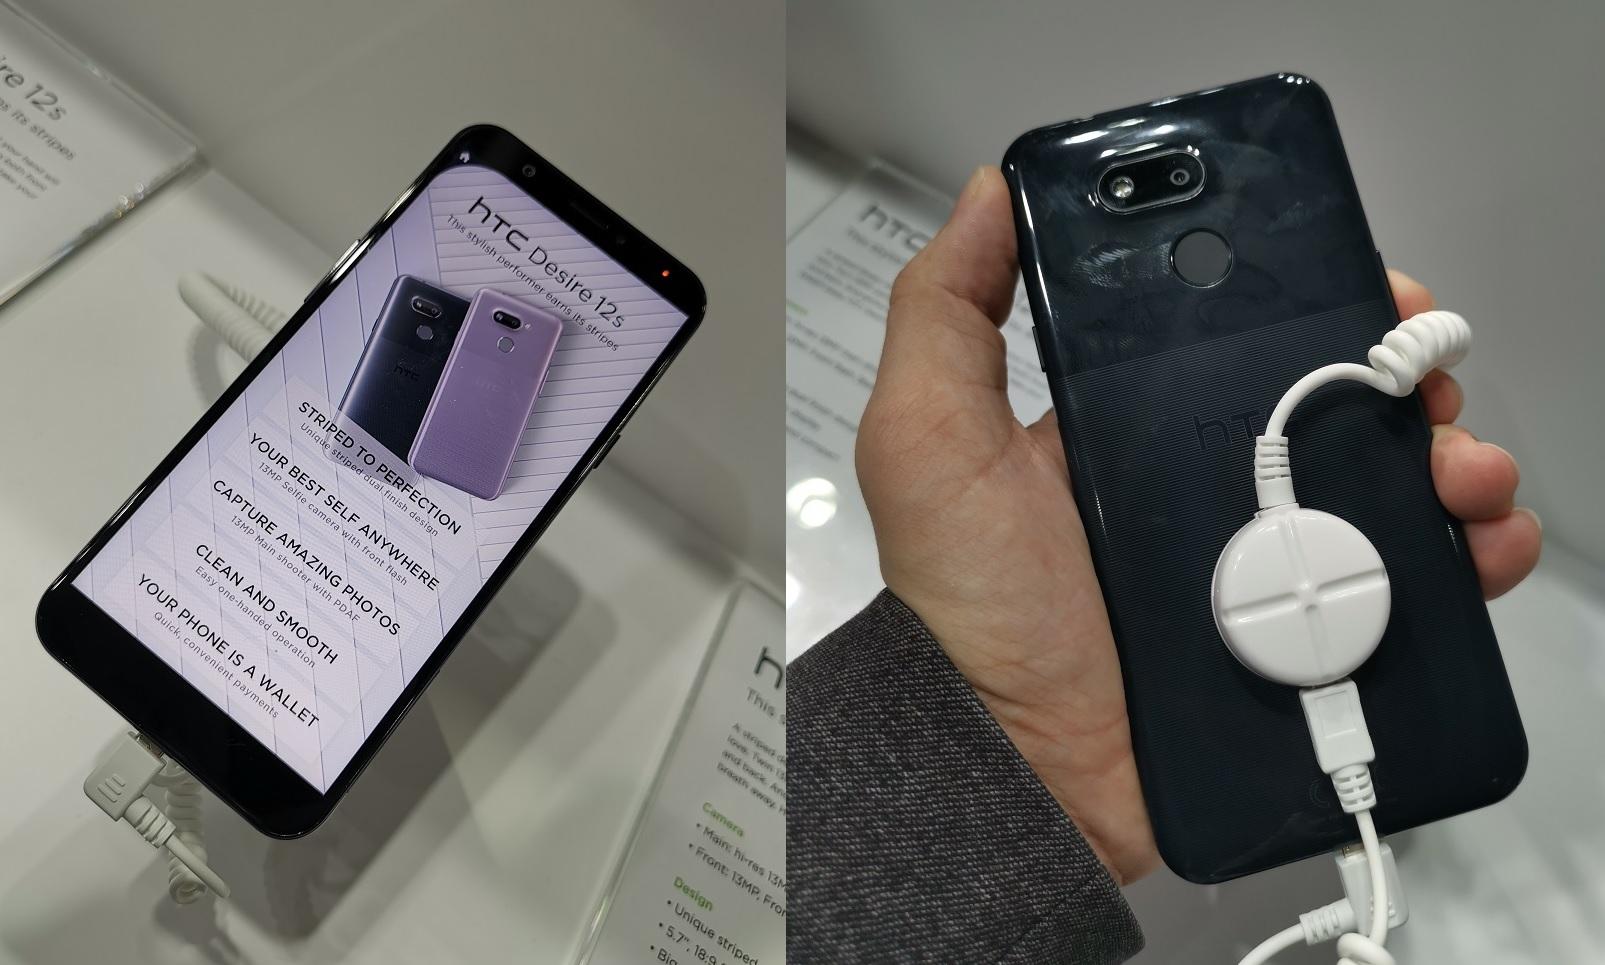 MWC 2019 : HTC présente son Desire 12s, un nouveau smartphone entrée de gamme